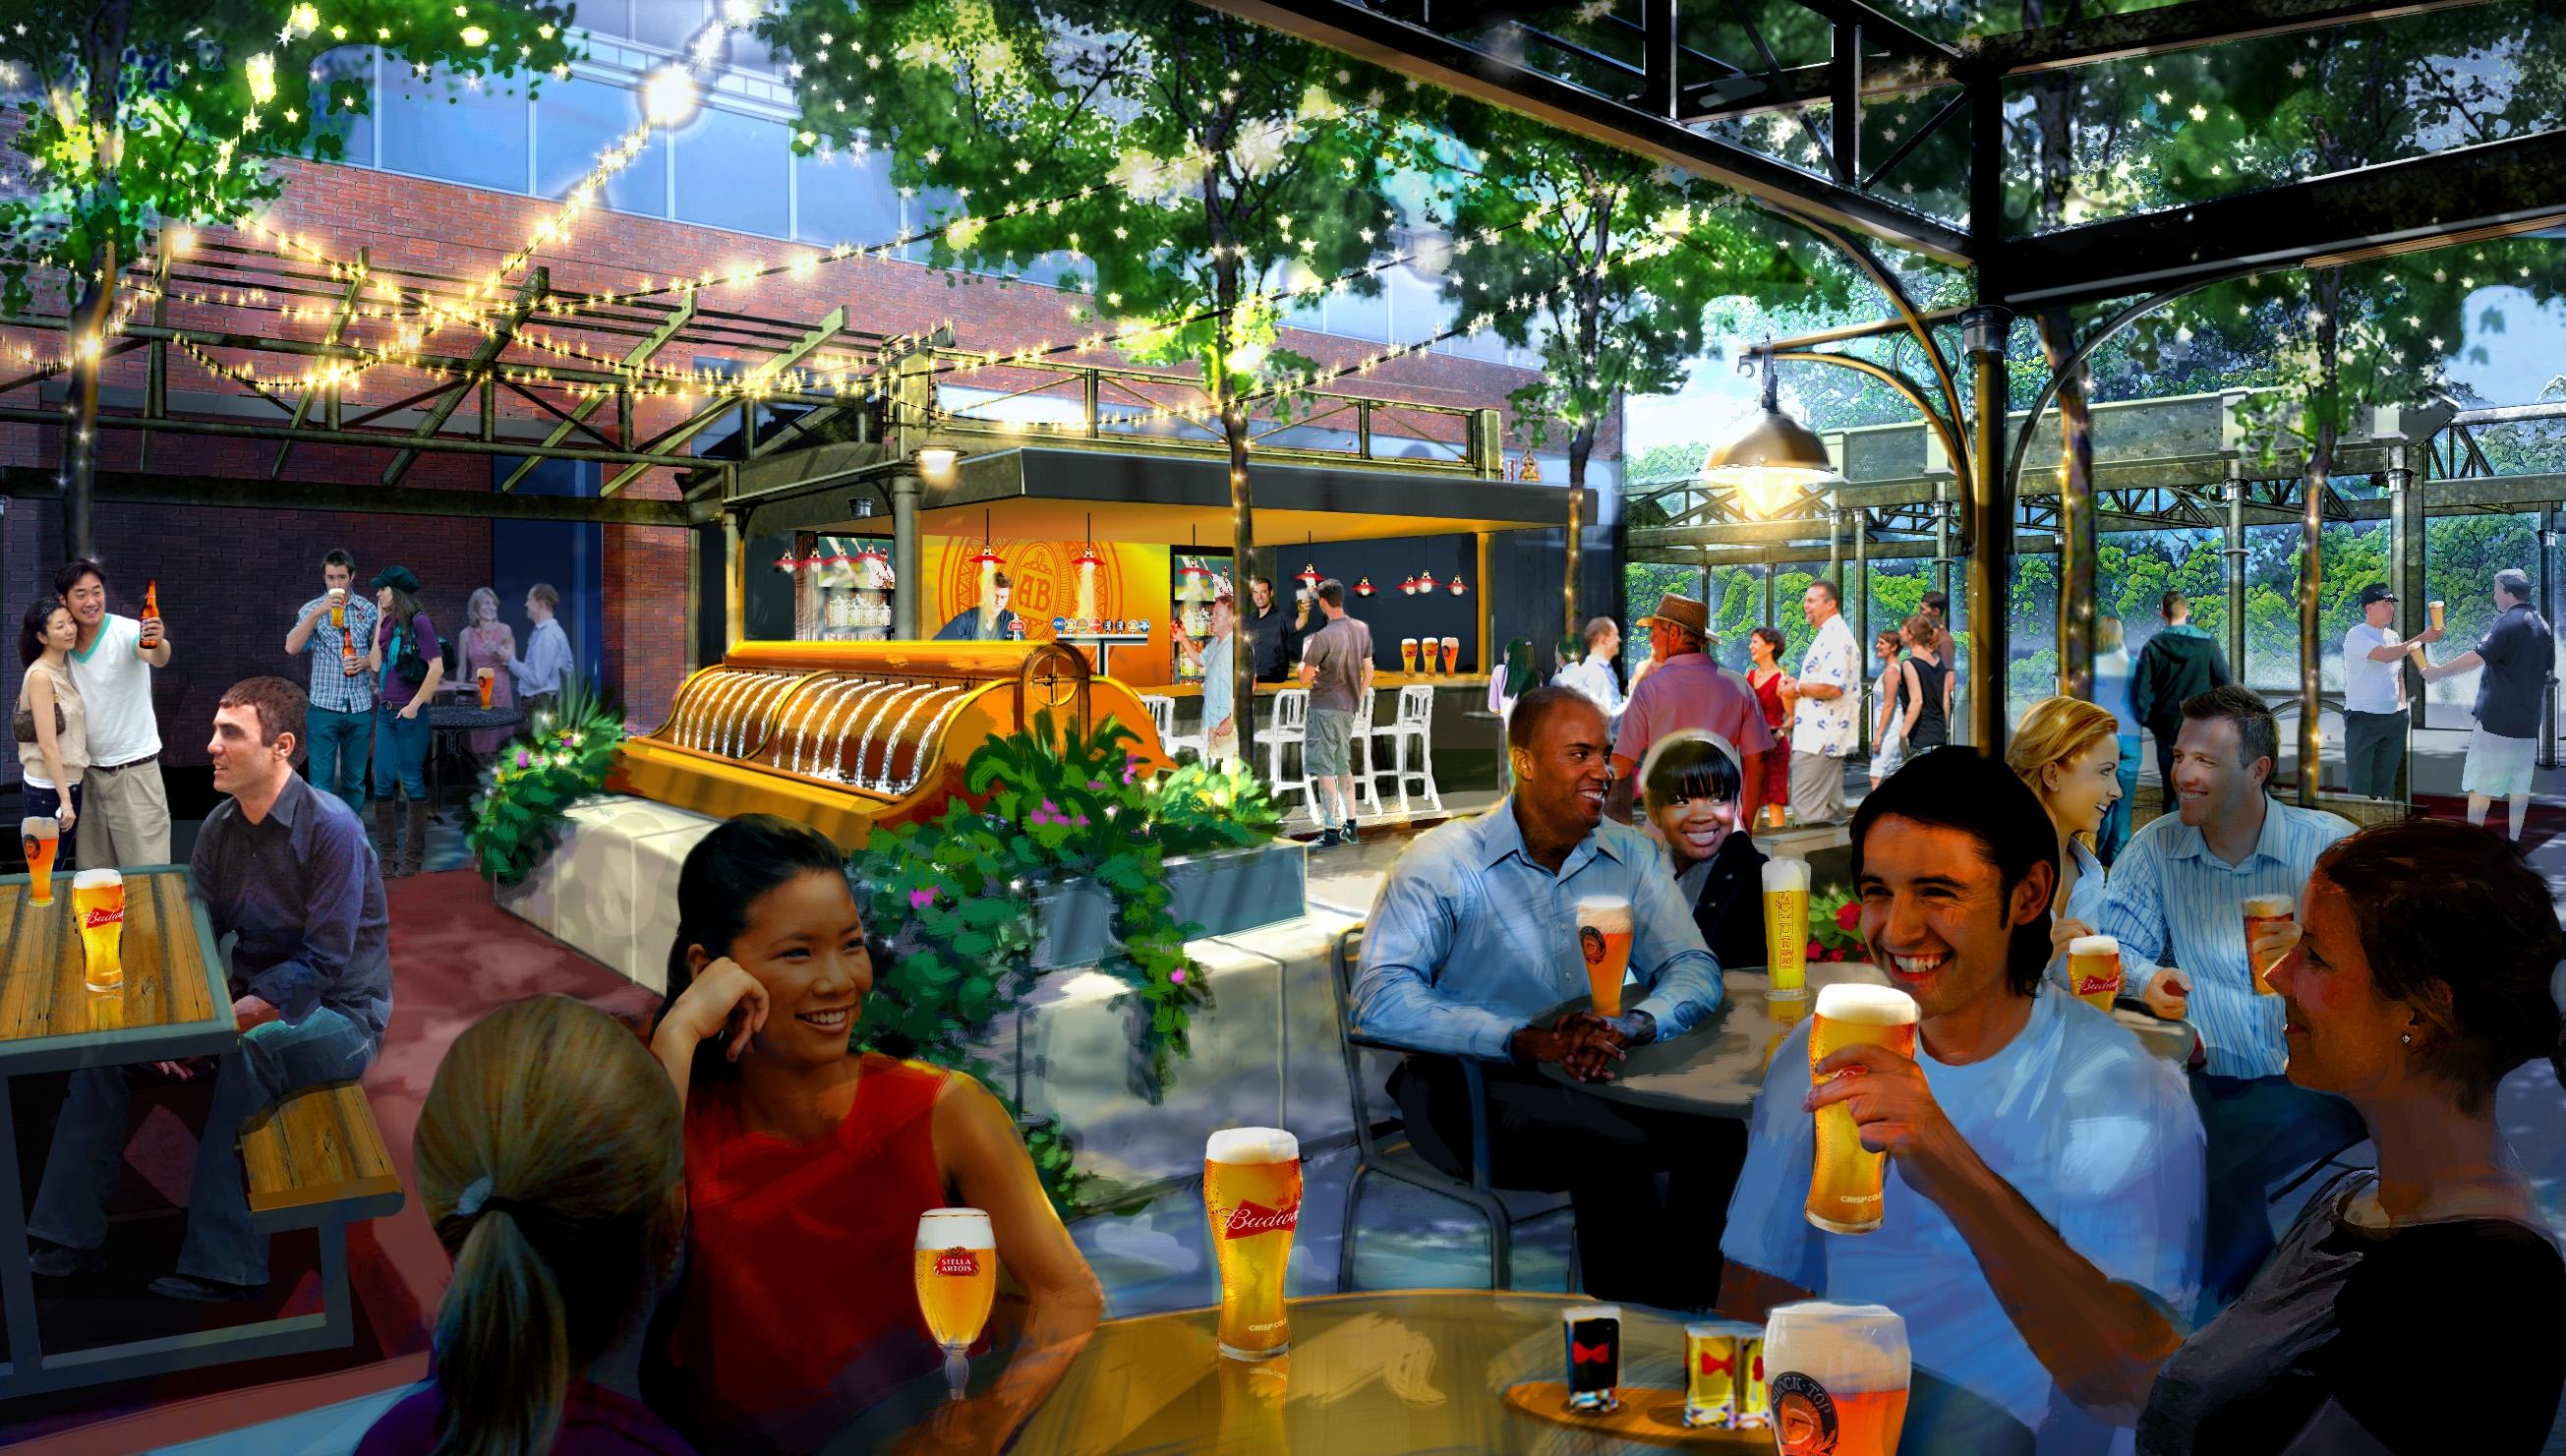 Anheuser Busch Taps Plans For St Louis Biergarten